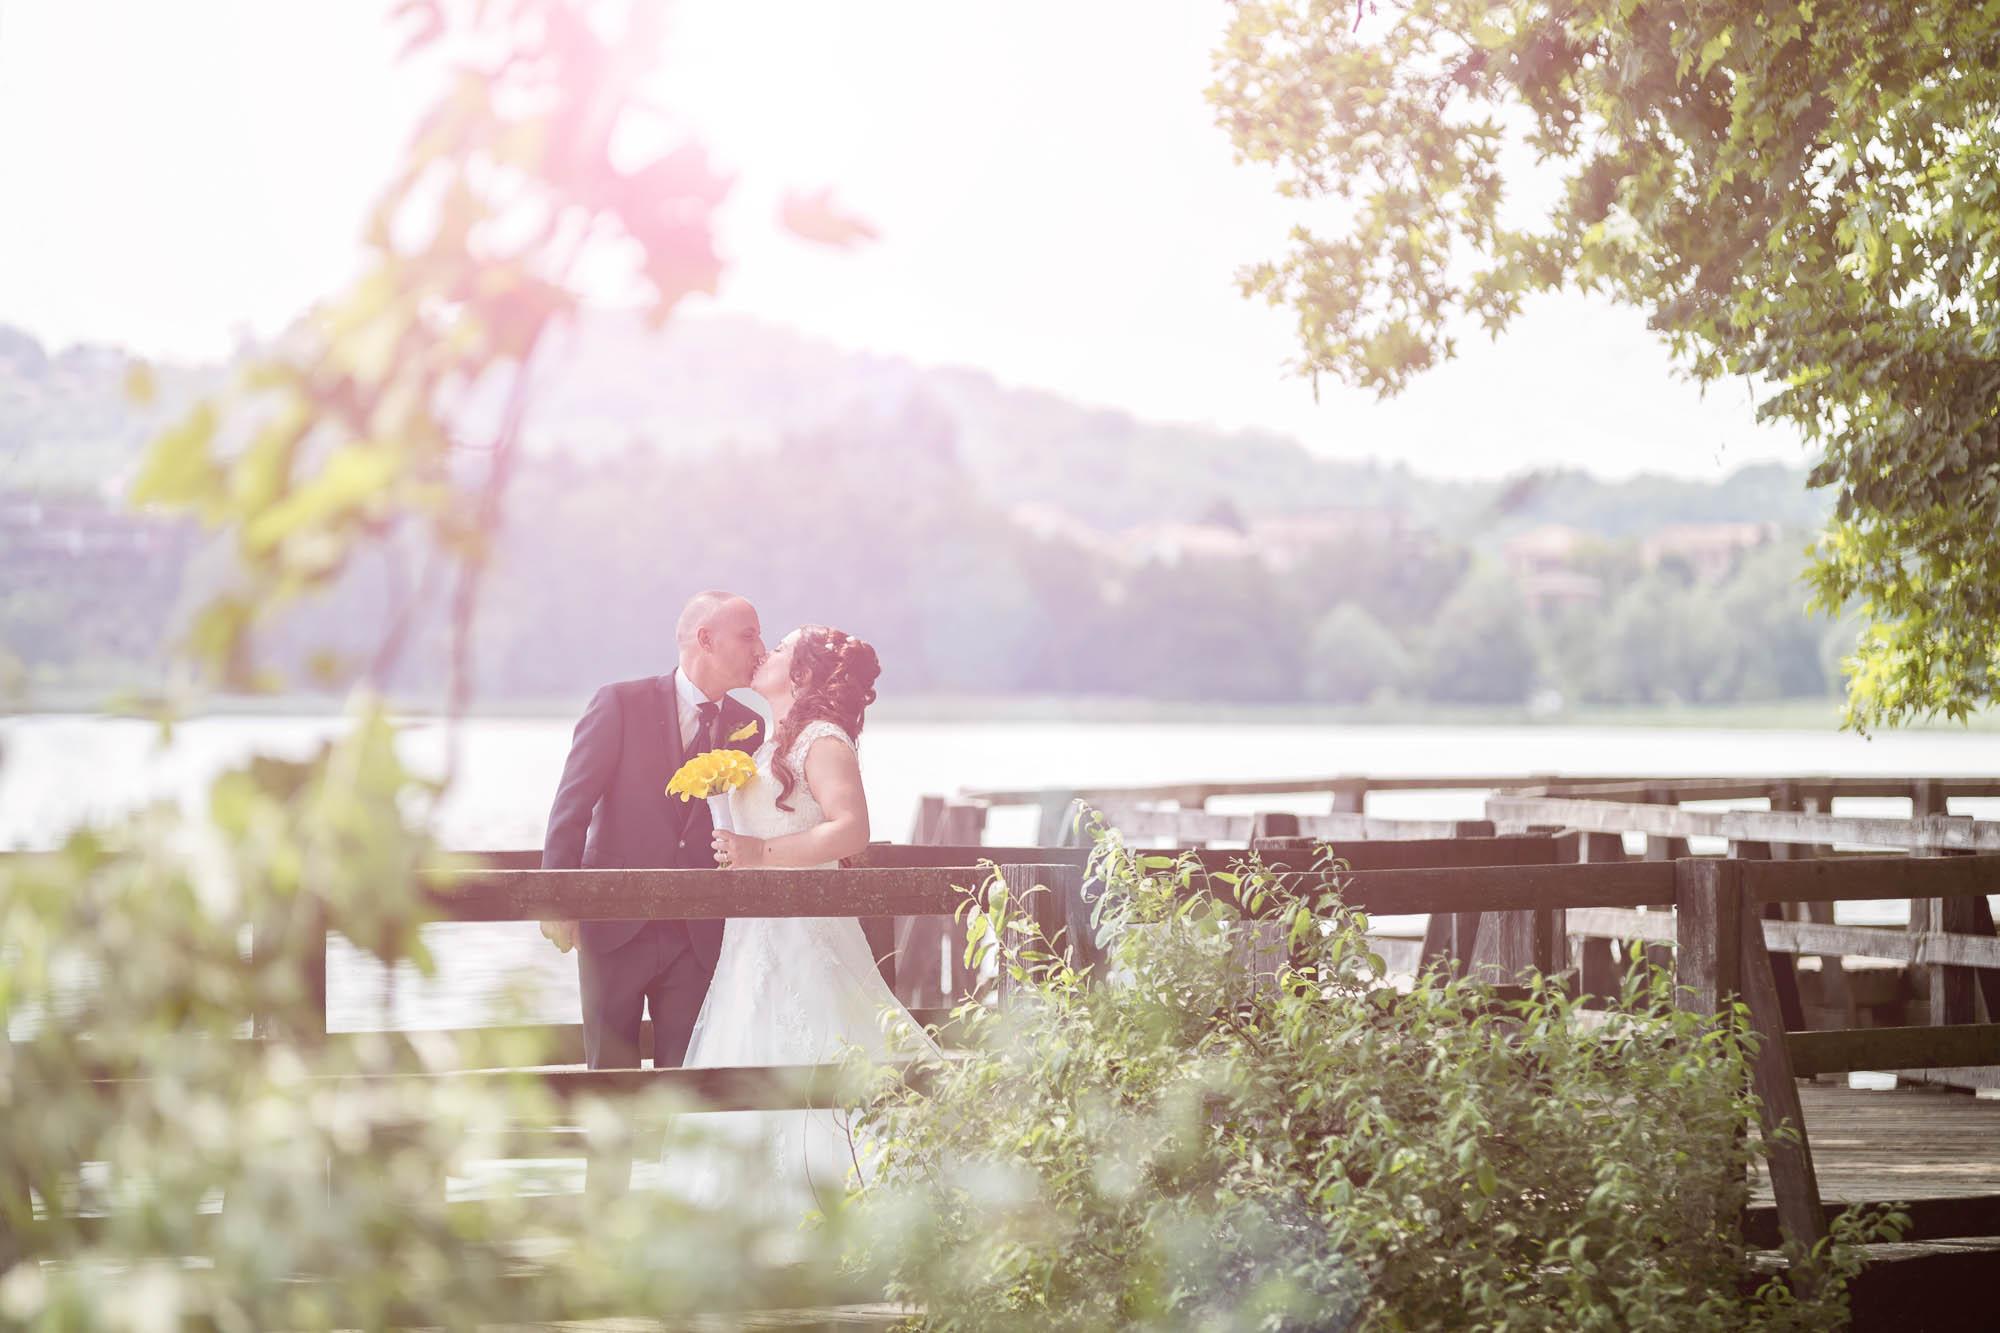 fotografo nozze creativo novara